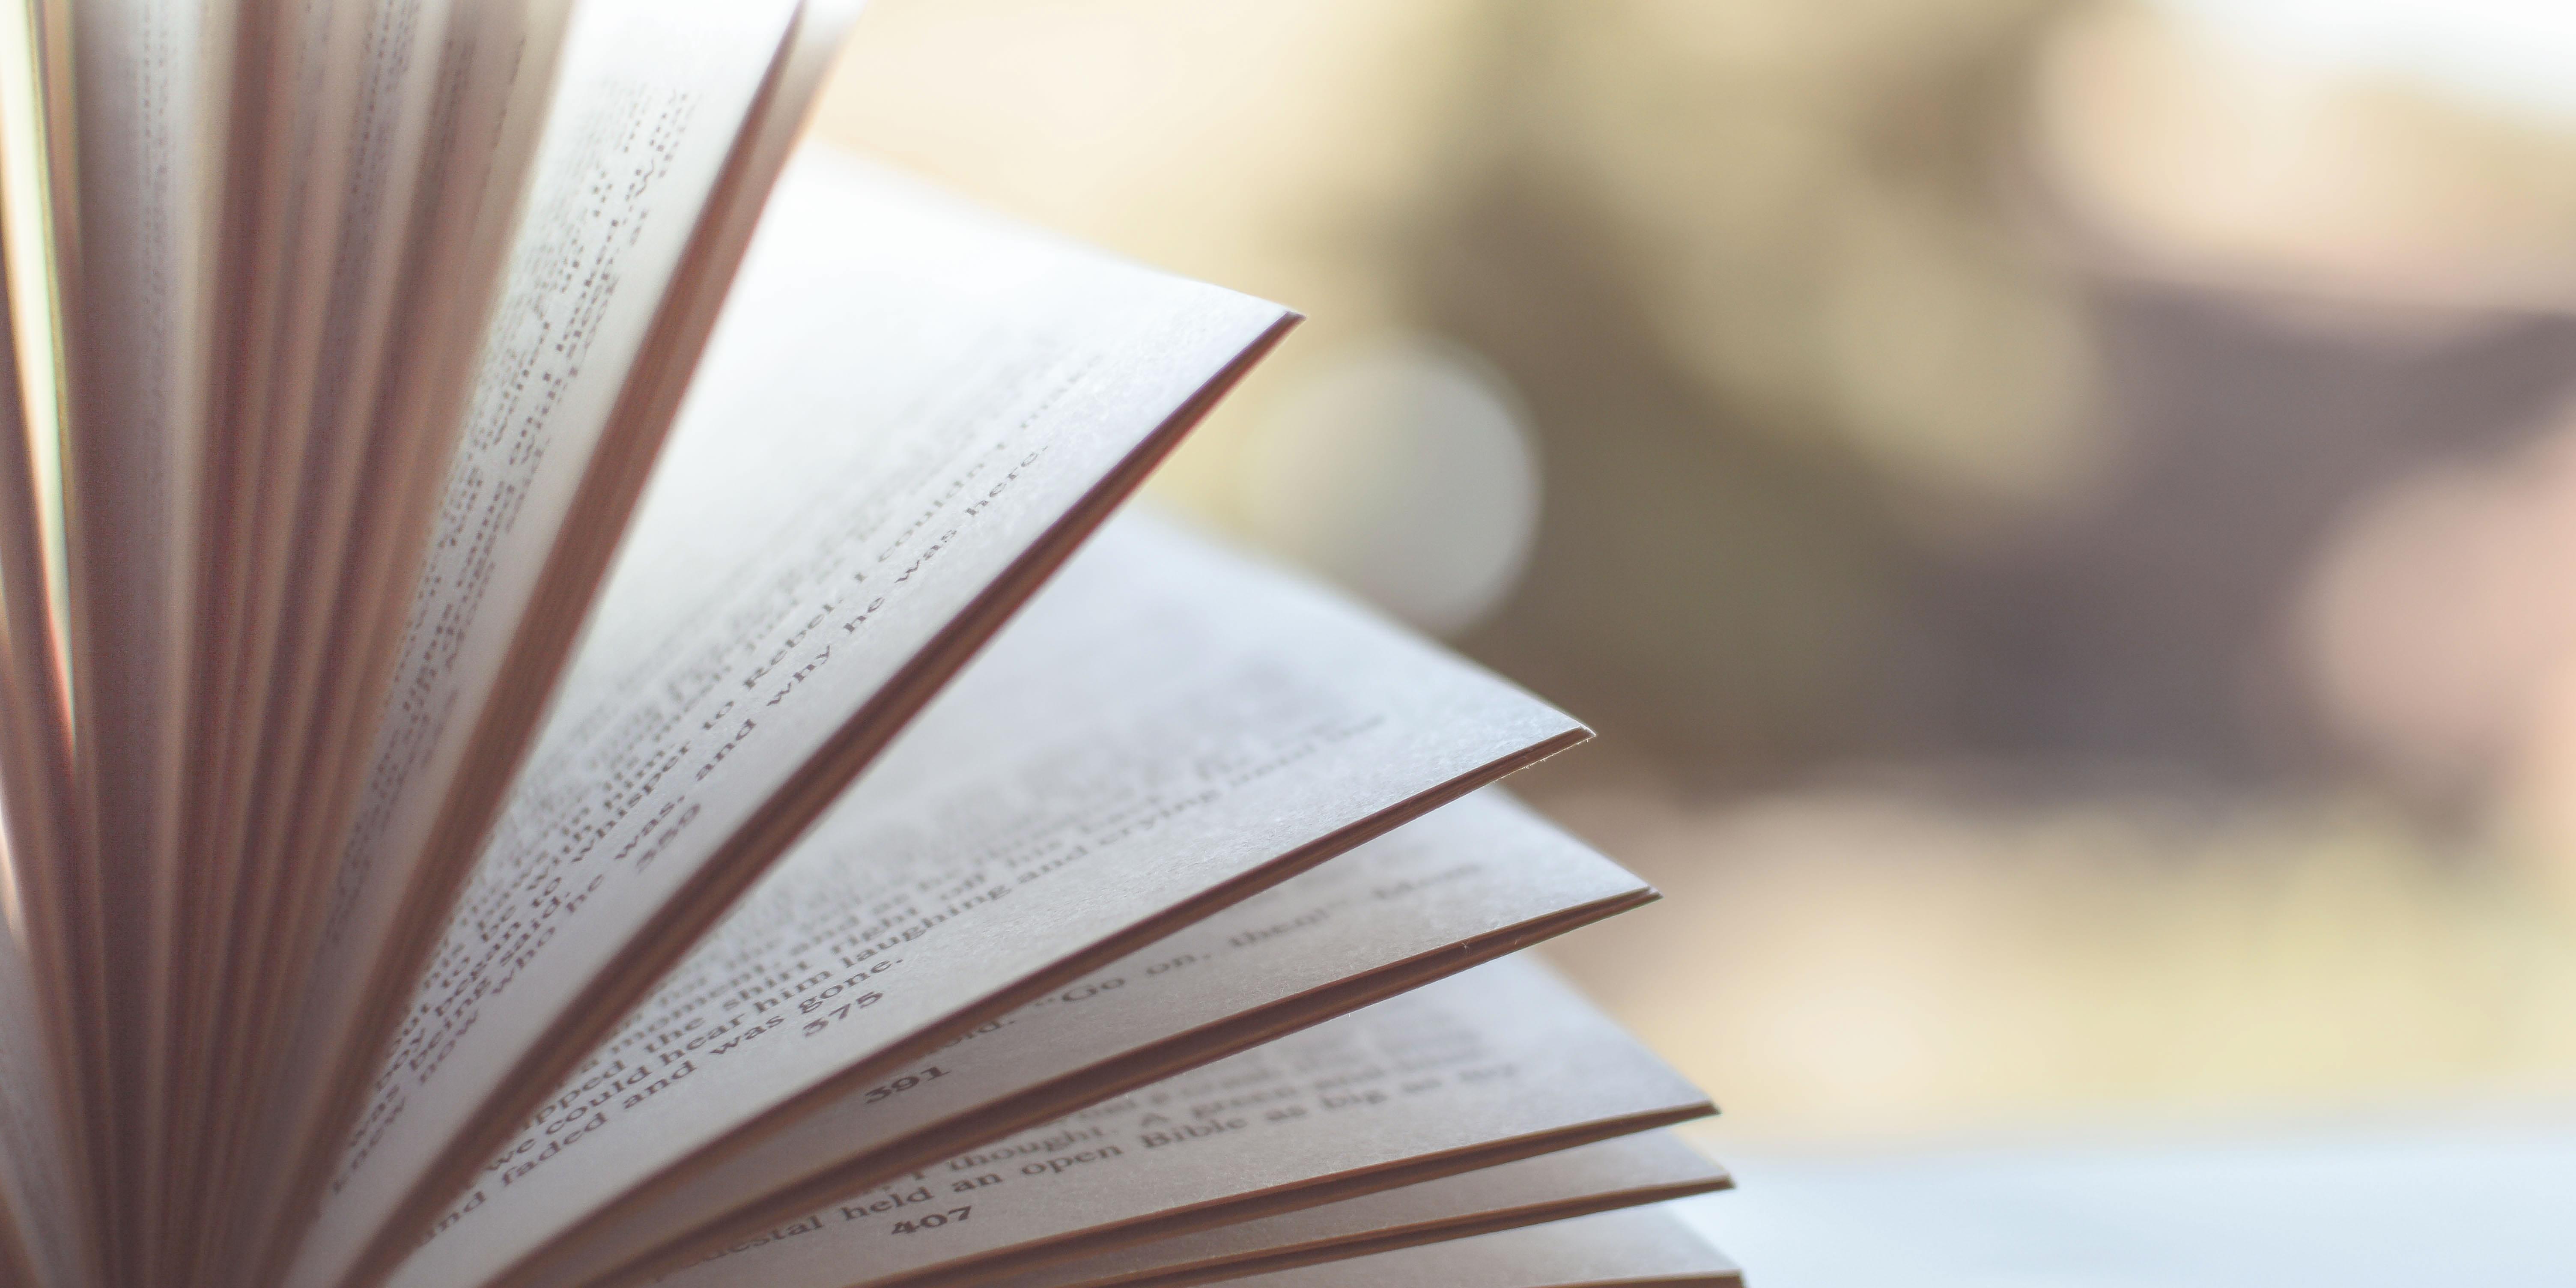 Wil je je manuscript laten beoordelen of redigeren?